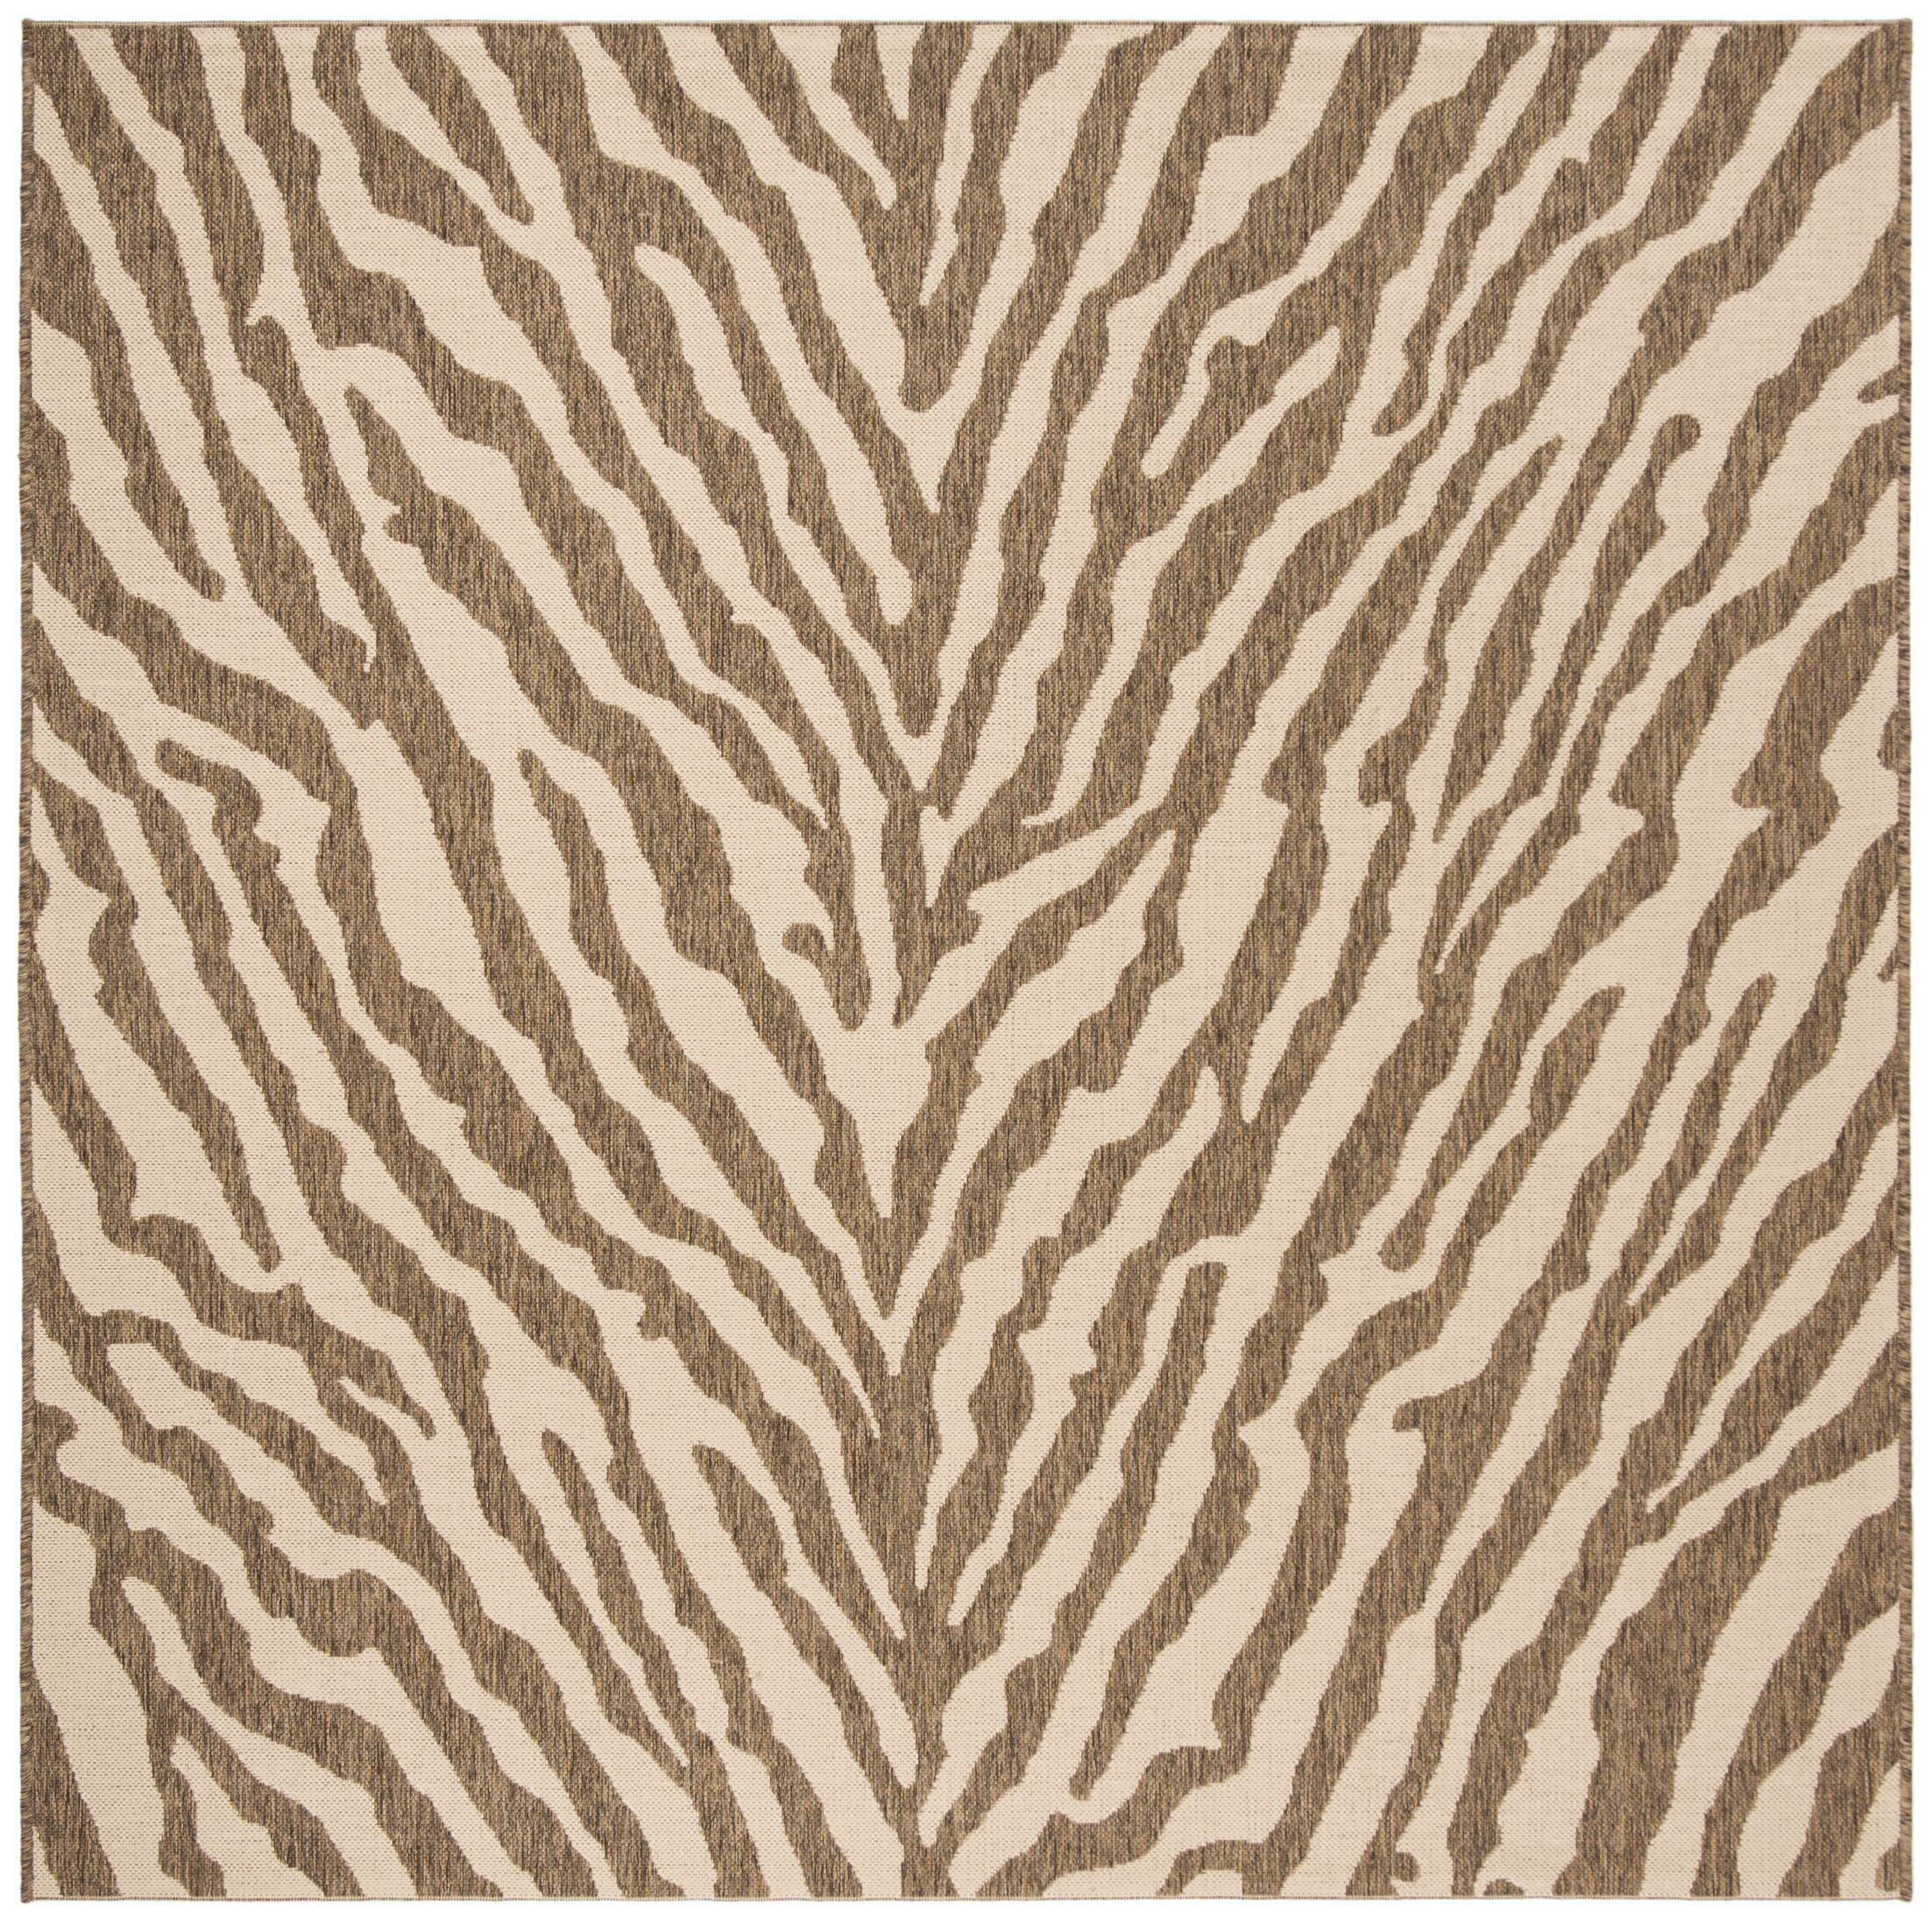 Mckinley Cream/Beige Area Rug Rug Size: Square 6'7